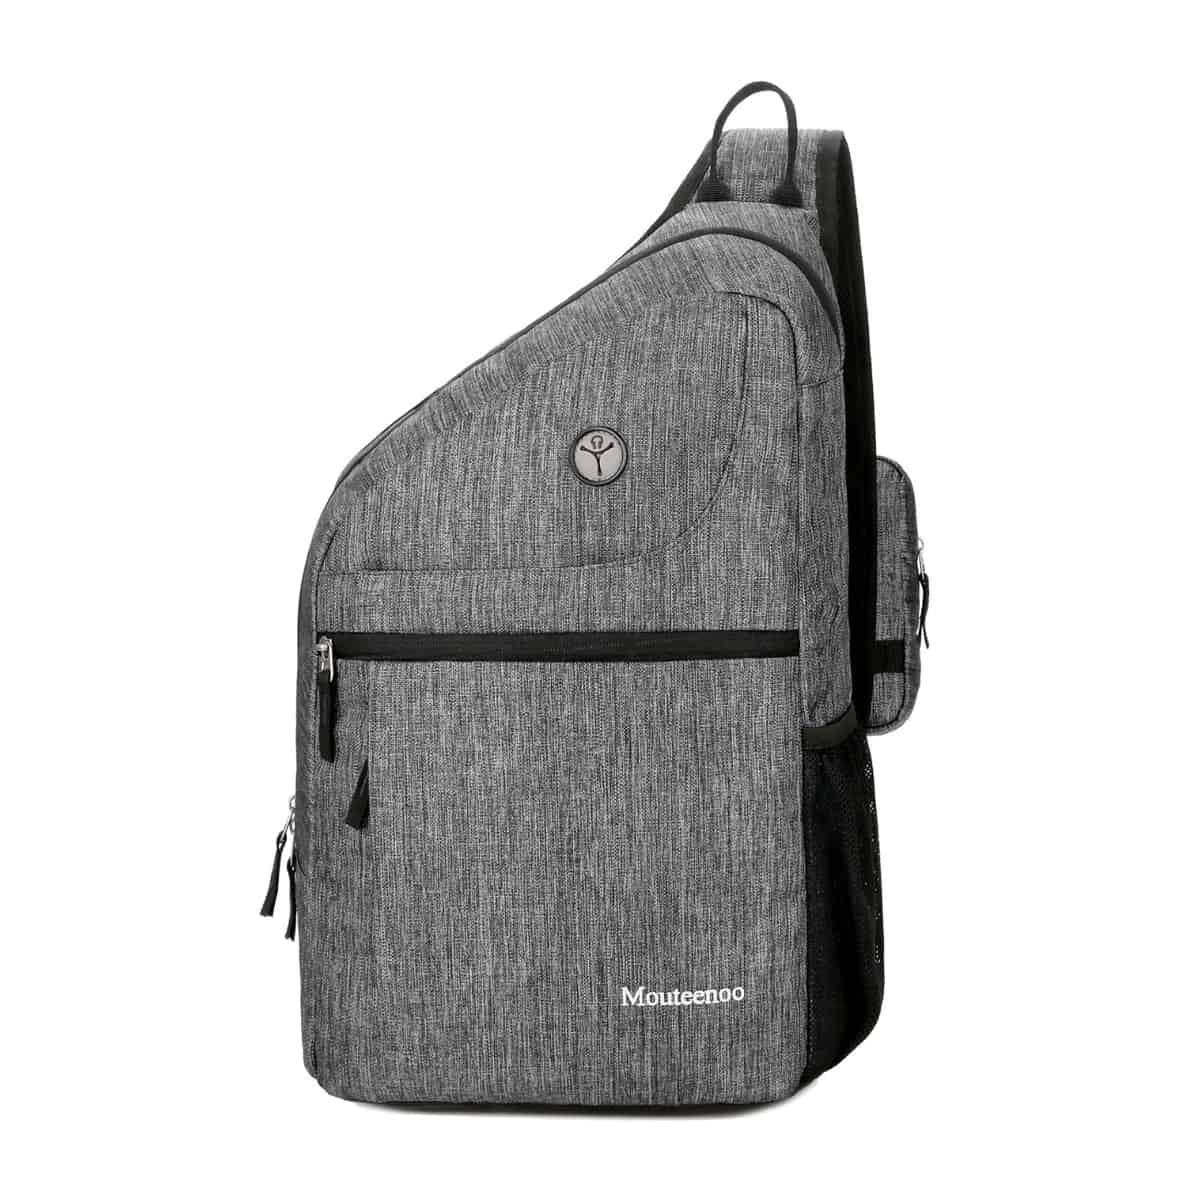 Mounteenoo-Sling-Bag